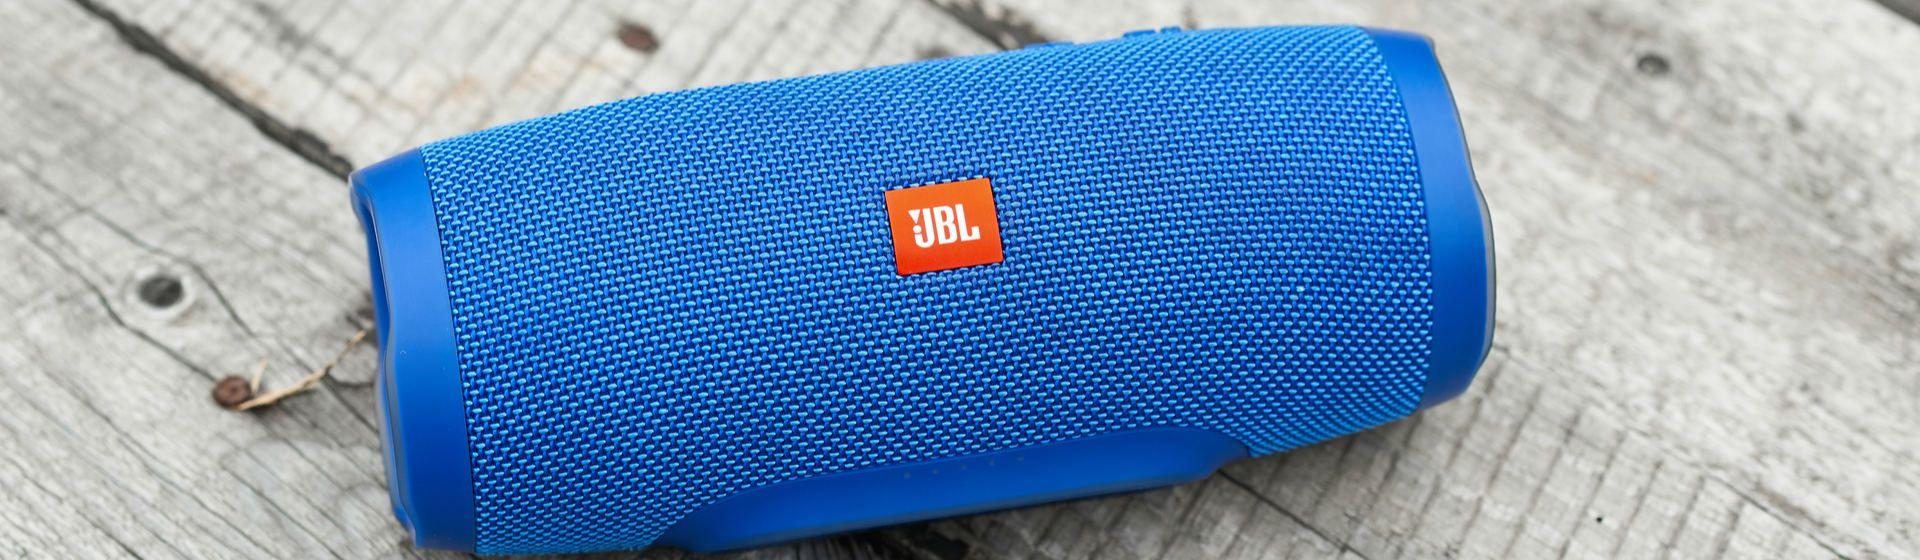 Caixas de som bluetooth: confira os modelos mais vendidos em 2020